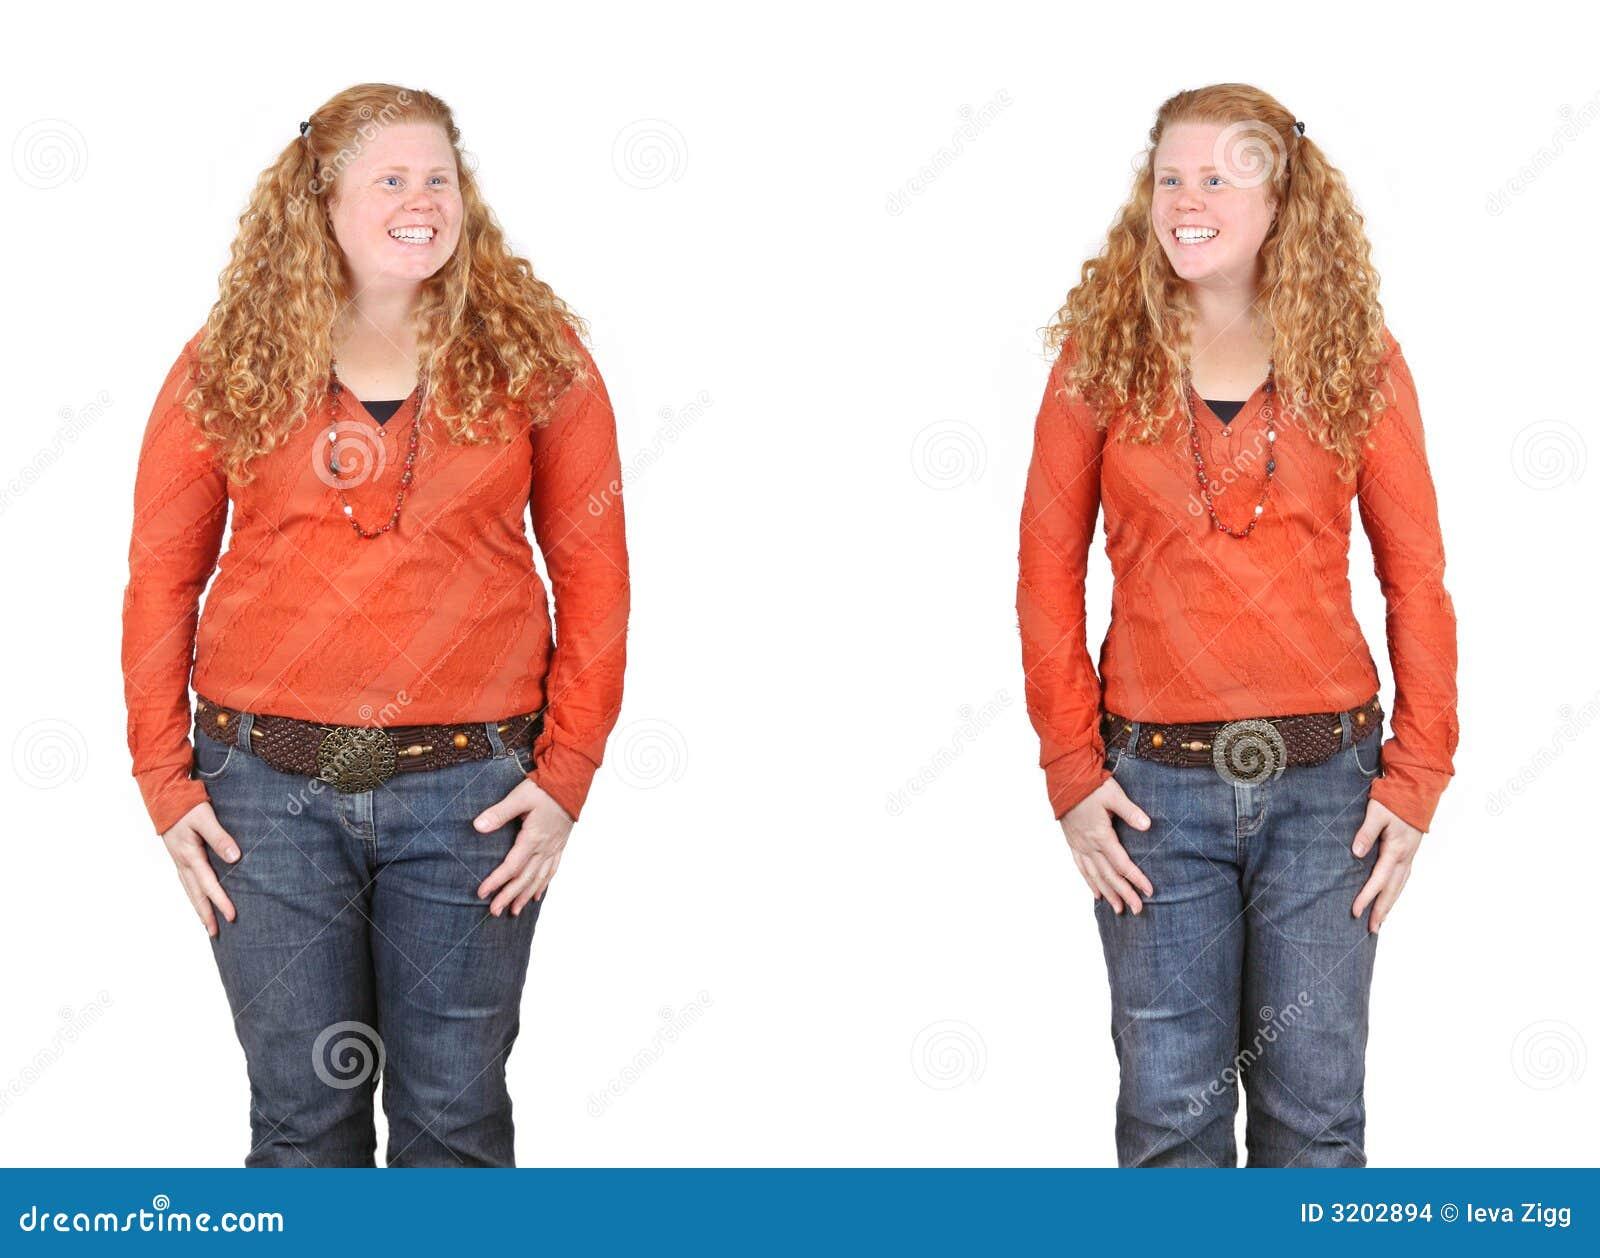 Antes y después de pérdida de peso